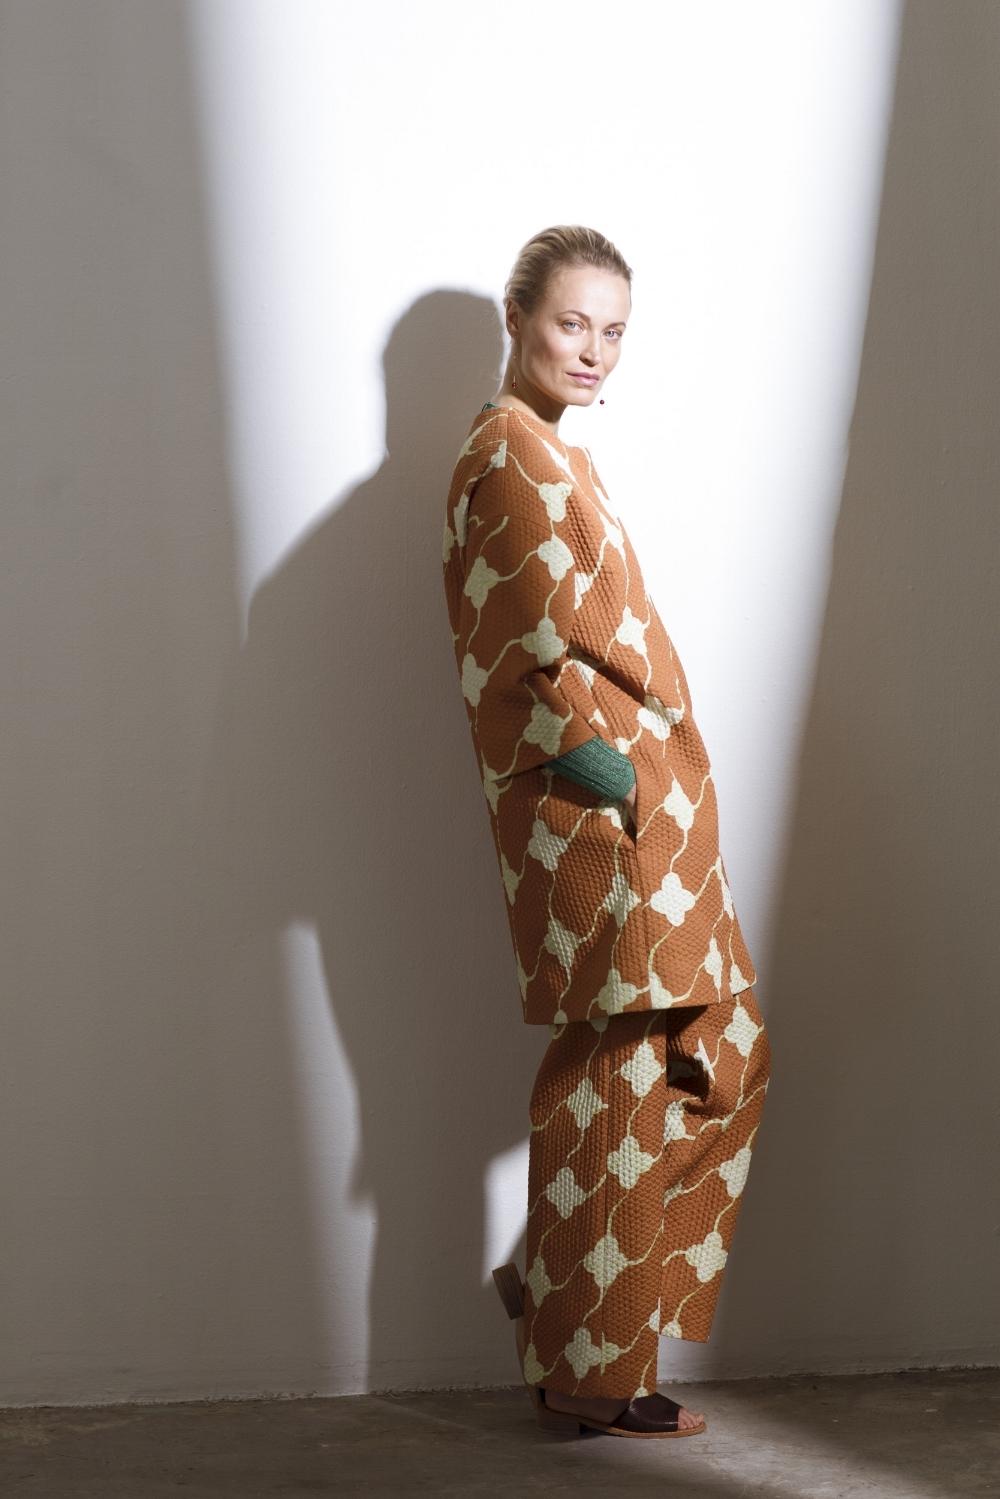 Feel Good Fashion #FGF - Voit pukeutua päästä varpaisiin pastelleihin, kirkkaisiin perusväreihin tai näyttävään kuosiin.Takki 470 e ja housut 300 e, molemmat Samuji. Alla glitterneule 35,99 e, Mango, Stockmann. Sandaalit 190 e, Samuji. Korvakorut 440e, Tiina Arkko, OZ Jewel.